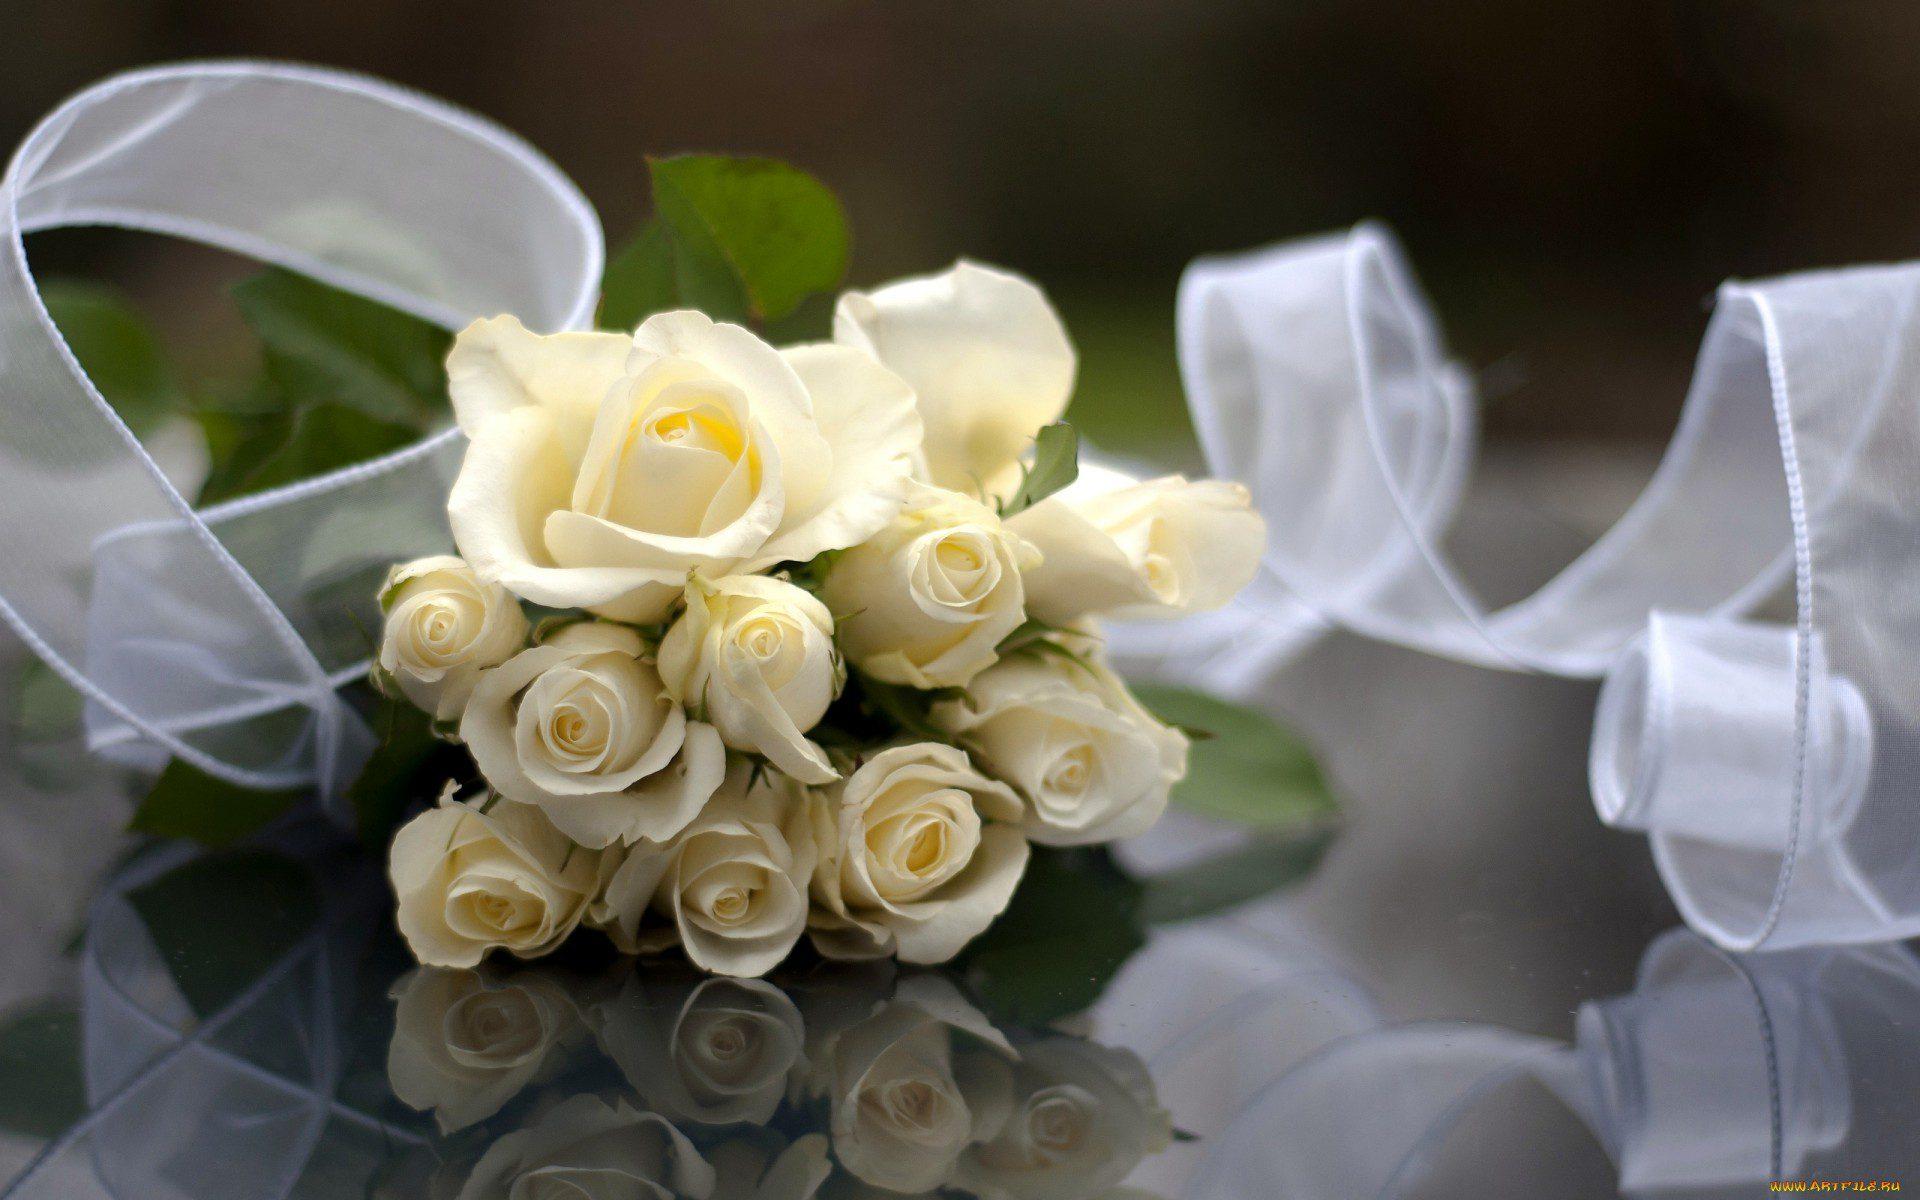 Картинки красивый букет белых роз